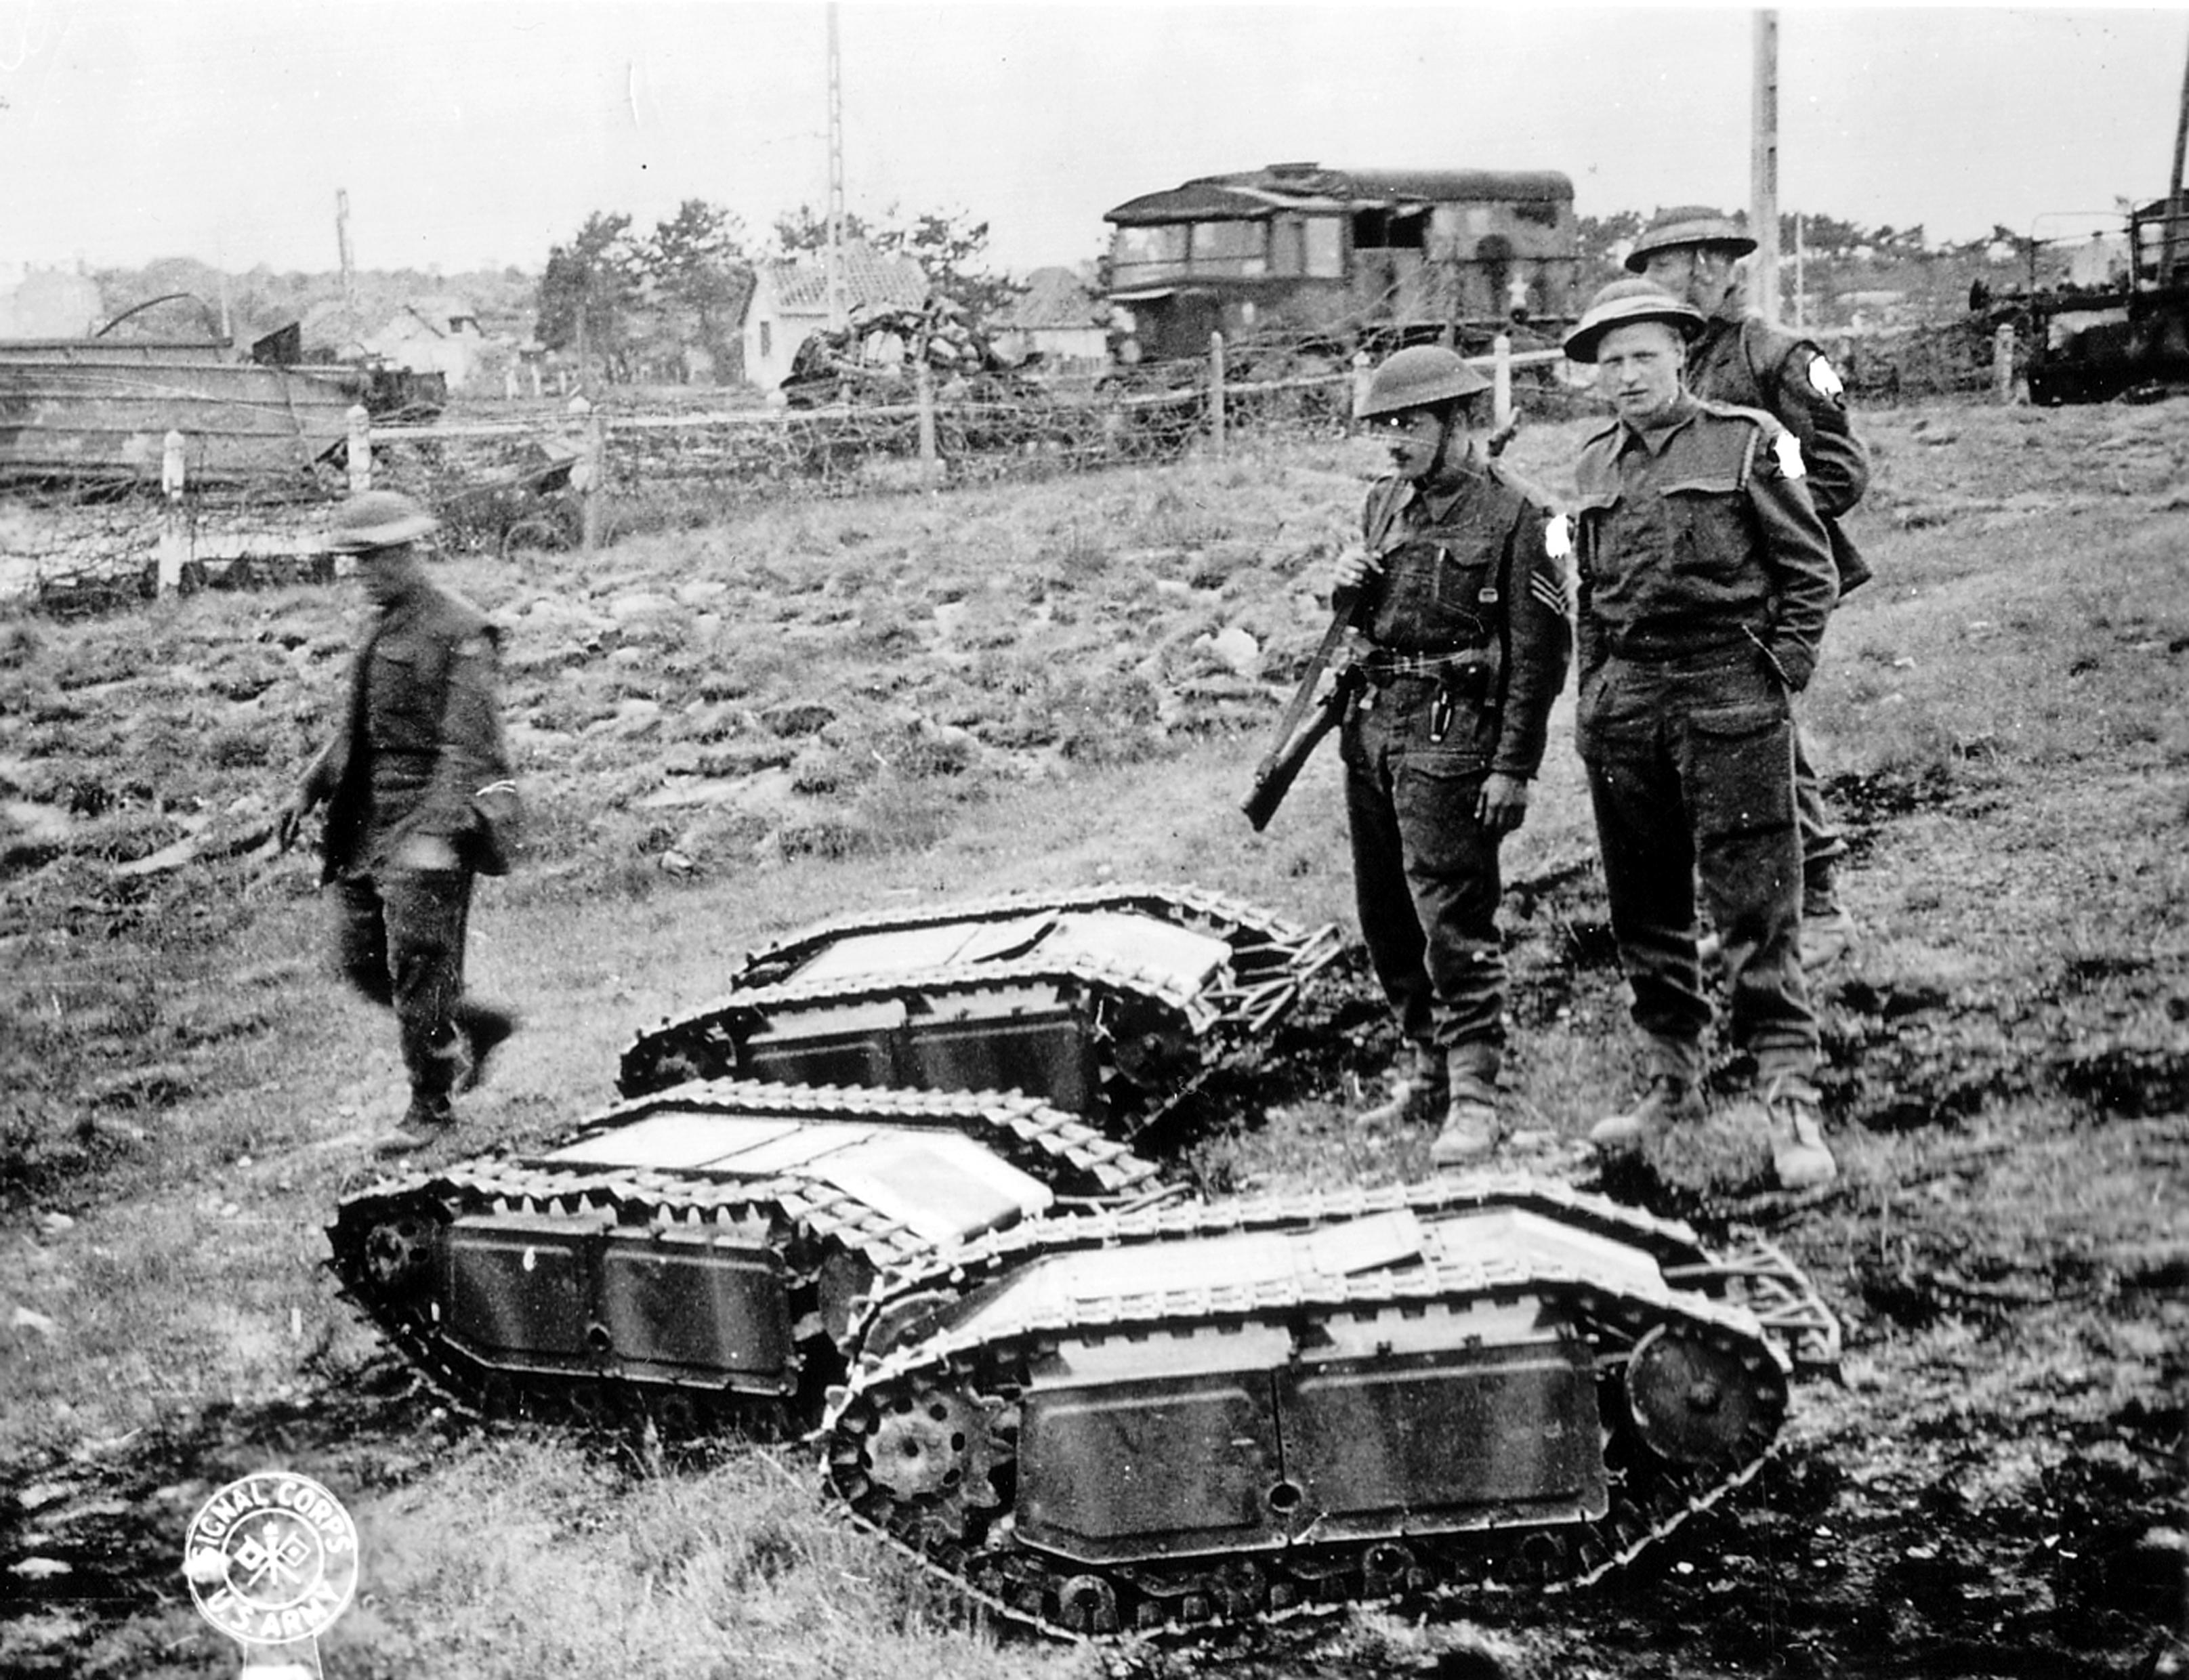 سربازان انگلیسی در کنار ضد تانک گولیاس آلمانی